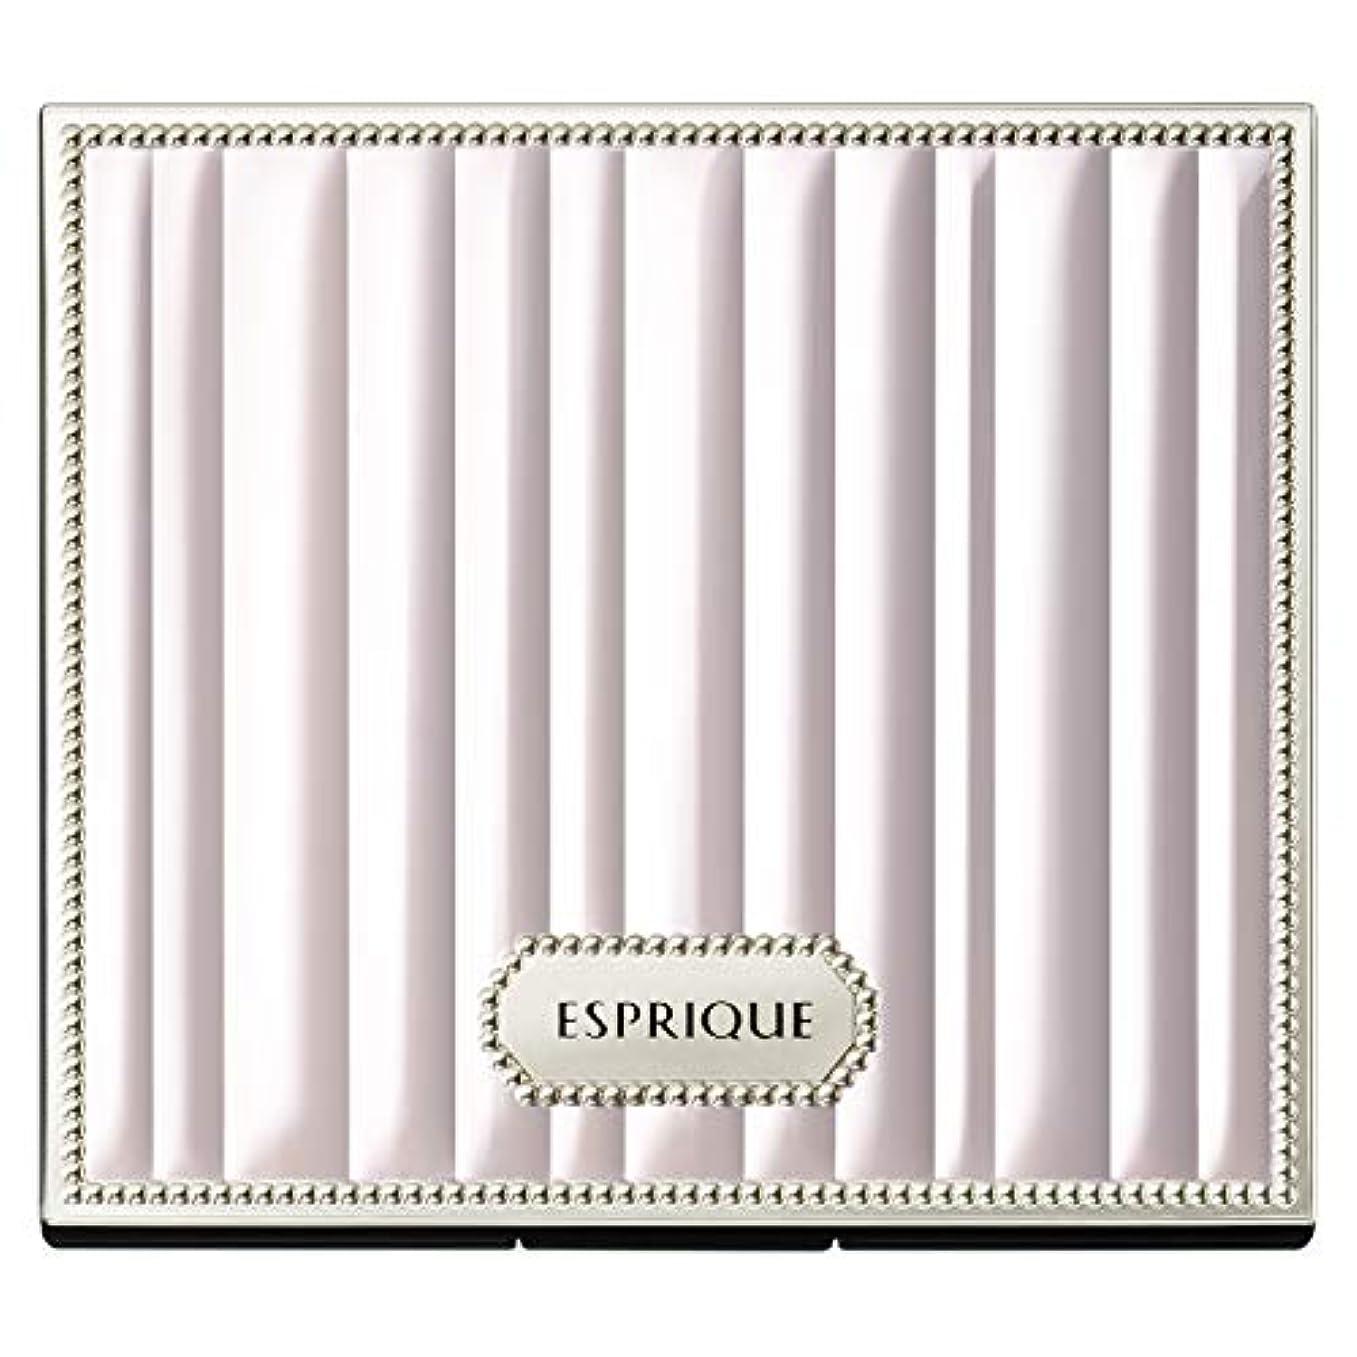 関数ピグマリオン文法ESPRIQUE(エスプリーク) エスプリーク アイカラー ケース N 1個